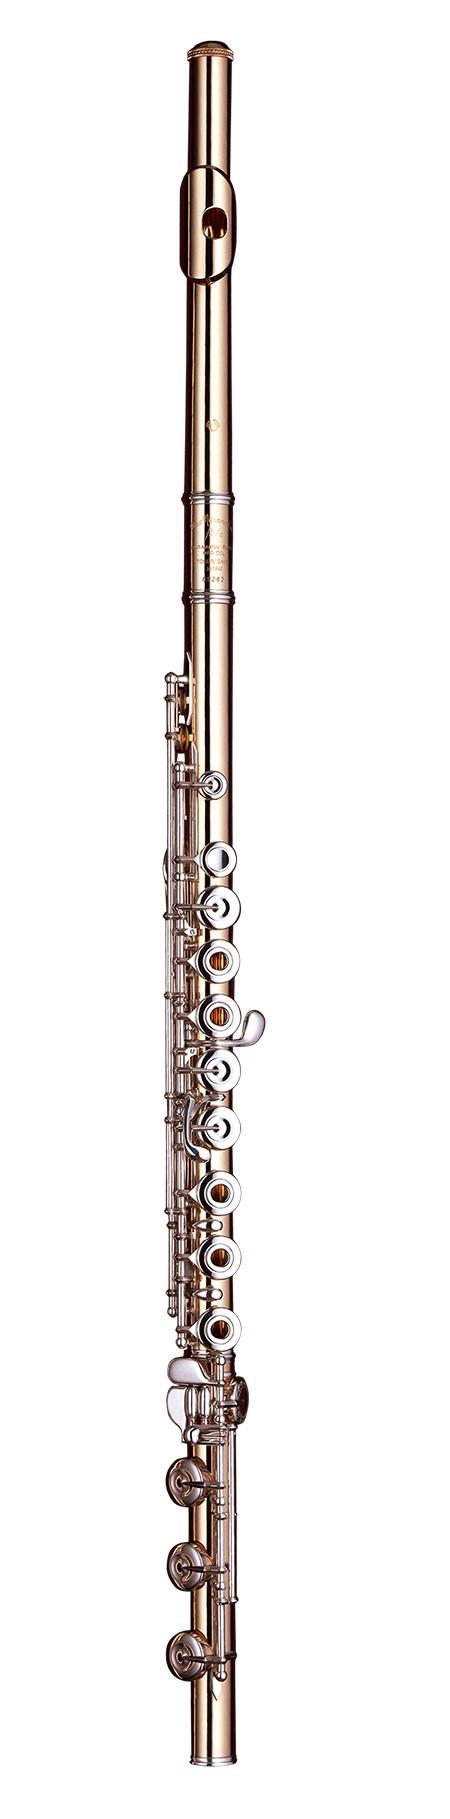 Muramatsu - 9 - K Go/Si SR - Type - RBEI - Holzblasinstrumente - Flöten mit E-Mechanik   MUSIK BERTRAM Deutschland Freiburg